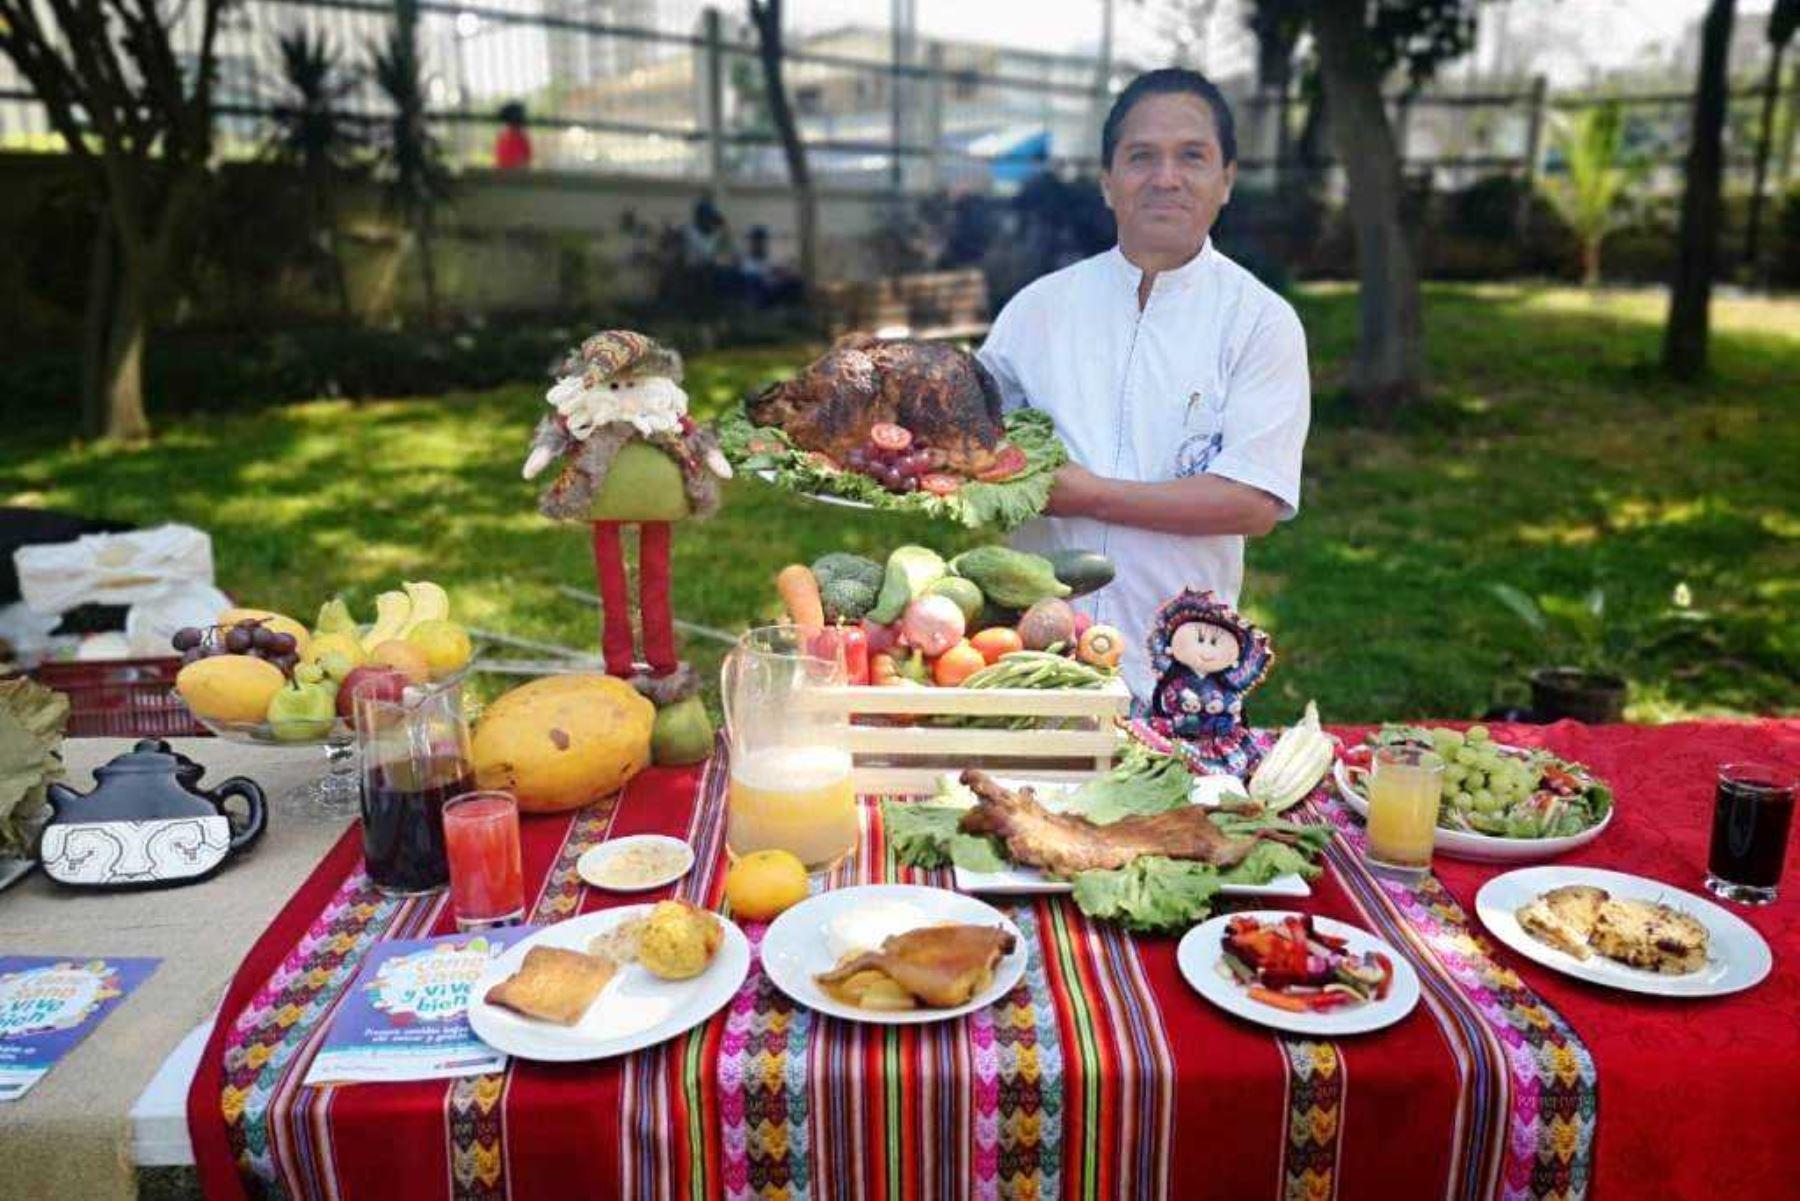 Cena navideña: consumo abundante de frutas y verduras evitará indigestión. Foto: ANDINA/Difusión.